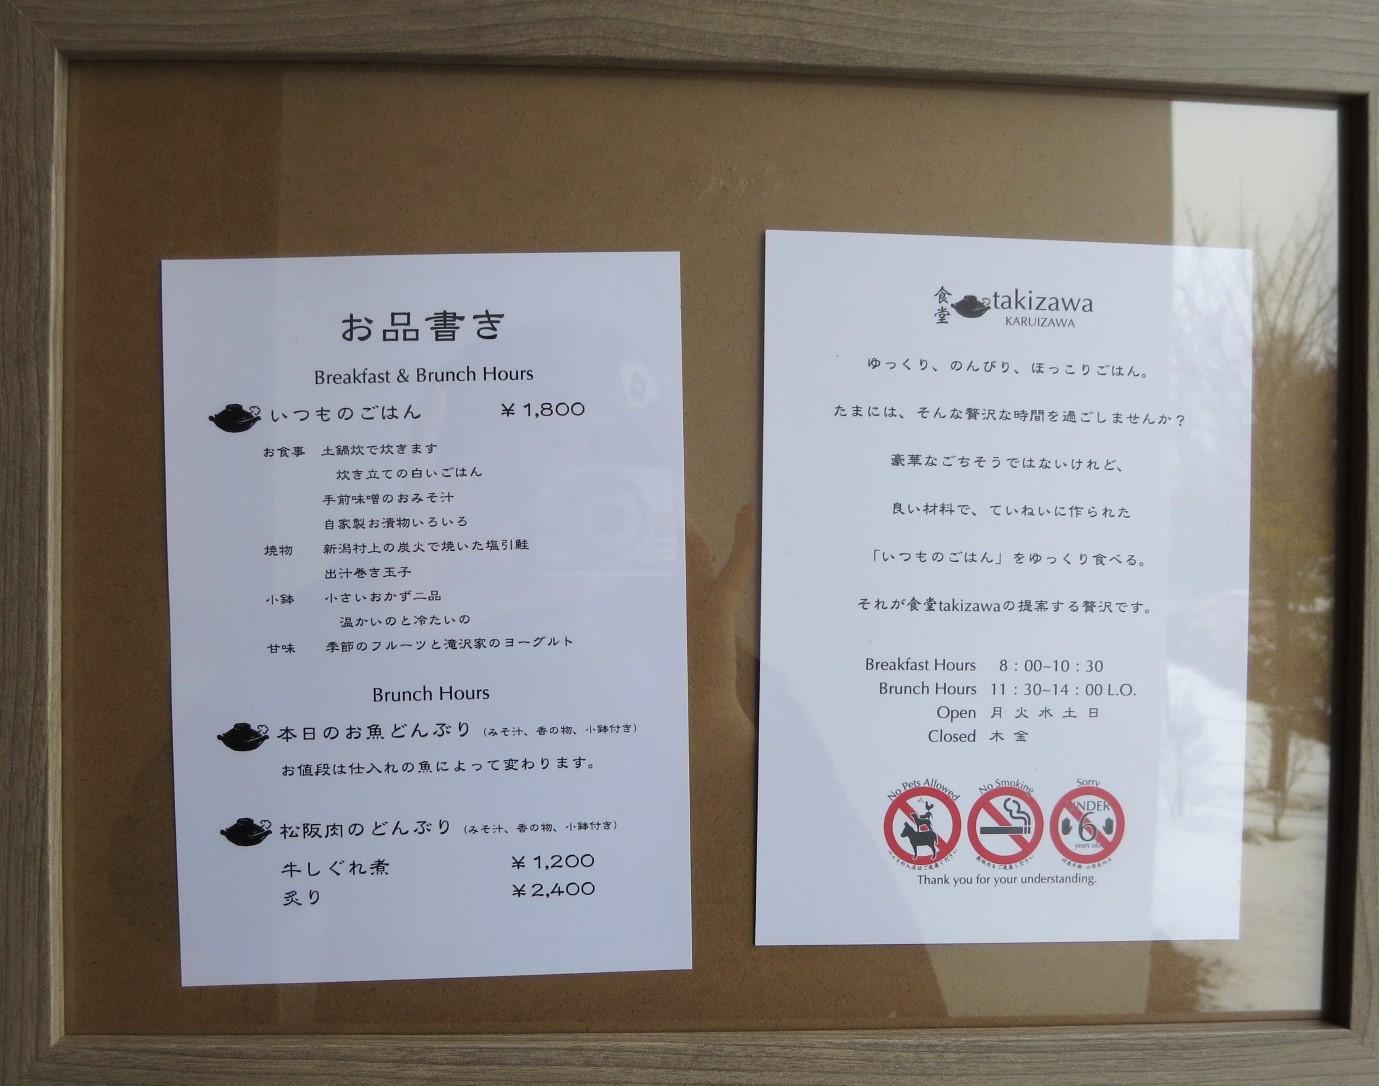 朝食&ブランチ☆食堂 takizawa NEW OPEN!@追分_f0236260_2064100.jpg